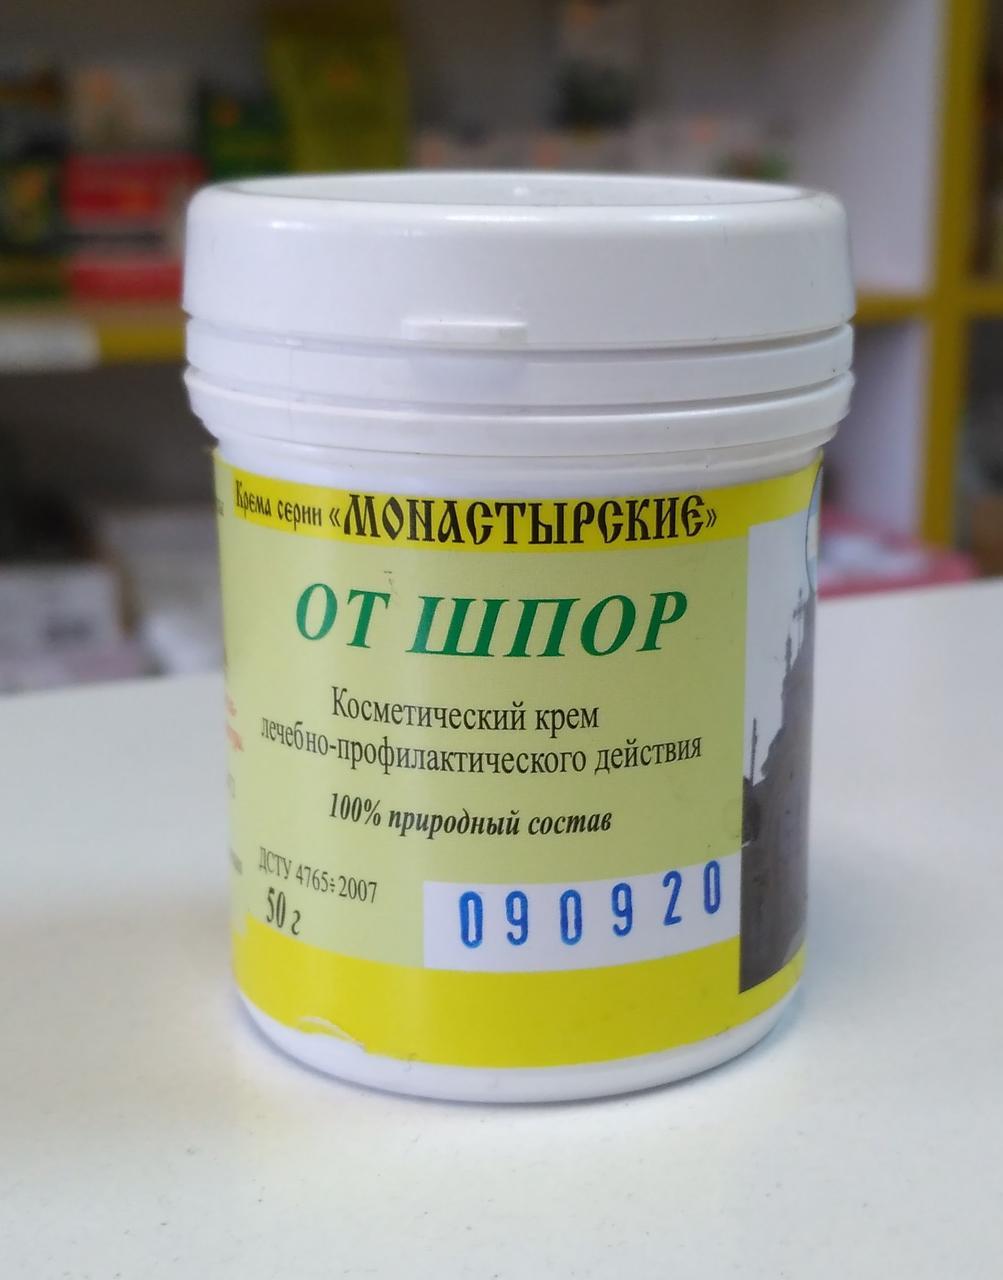 От шпор лечебно-профилактический крем 30 г Монастырские